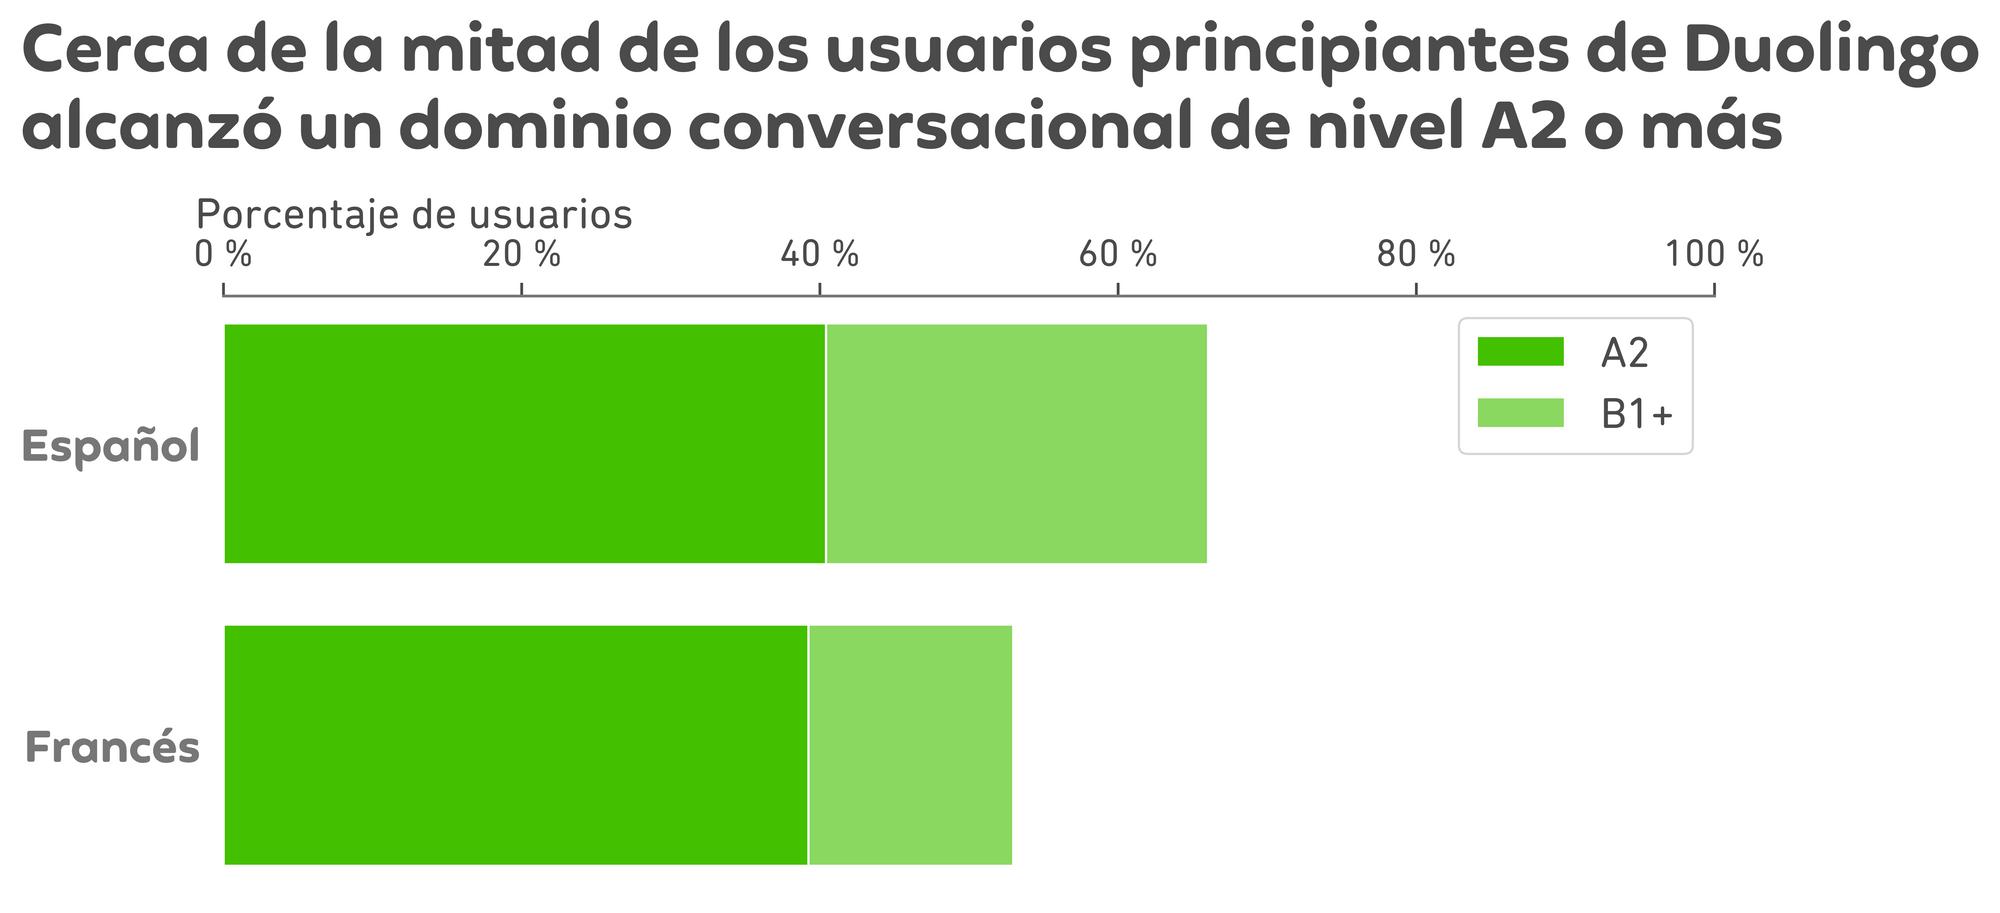 """Gráfica de resultados. El título es """"Cerca de la mitad de los usuarios principiantes de Duolingo alcanzó un dominio conversacional de nivel A2 o más"""". Debajo del título están dos barras horizontales que van de izquierda a derecha. Cada barra está dividida en una parte verde oscuro y una parte verde claro. El eje X es el porcentaje de usuarios de 0 % a 100 %, y el eje Y tiene arriba el idioma """"español"""", y abajo el idioma """"francés"""". Para español, una barra verde oscuro va del 0 % al 40 %, y esto es el porcentaje de estudiantes que alcanzaron al nivel A2. Para francés, una barra verde oscuro va del 0 % al 40 % de usuarios que llegaron al nivel A2. La barra verde claro continúa del 40 % al 52 % para los usuarios que llegaron al nivel B1 o más."""